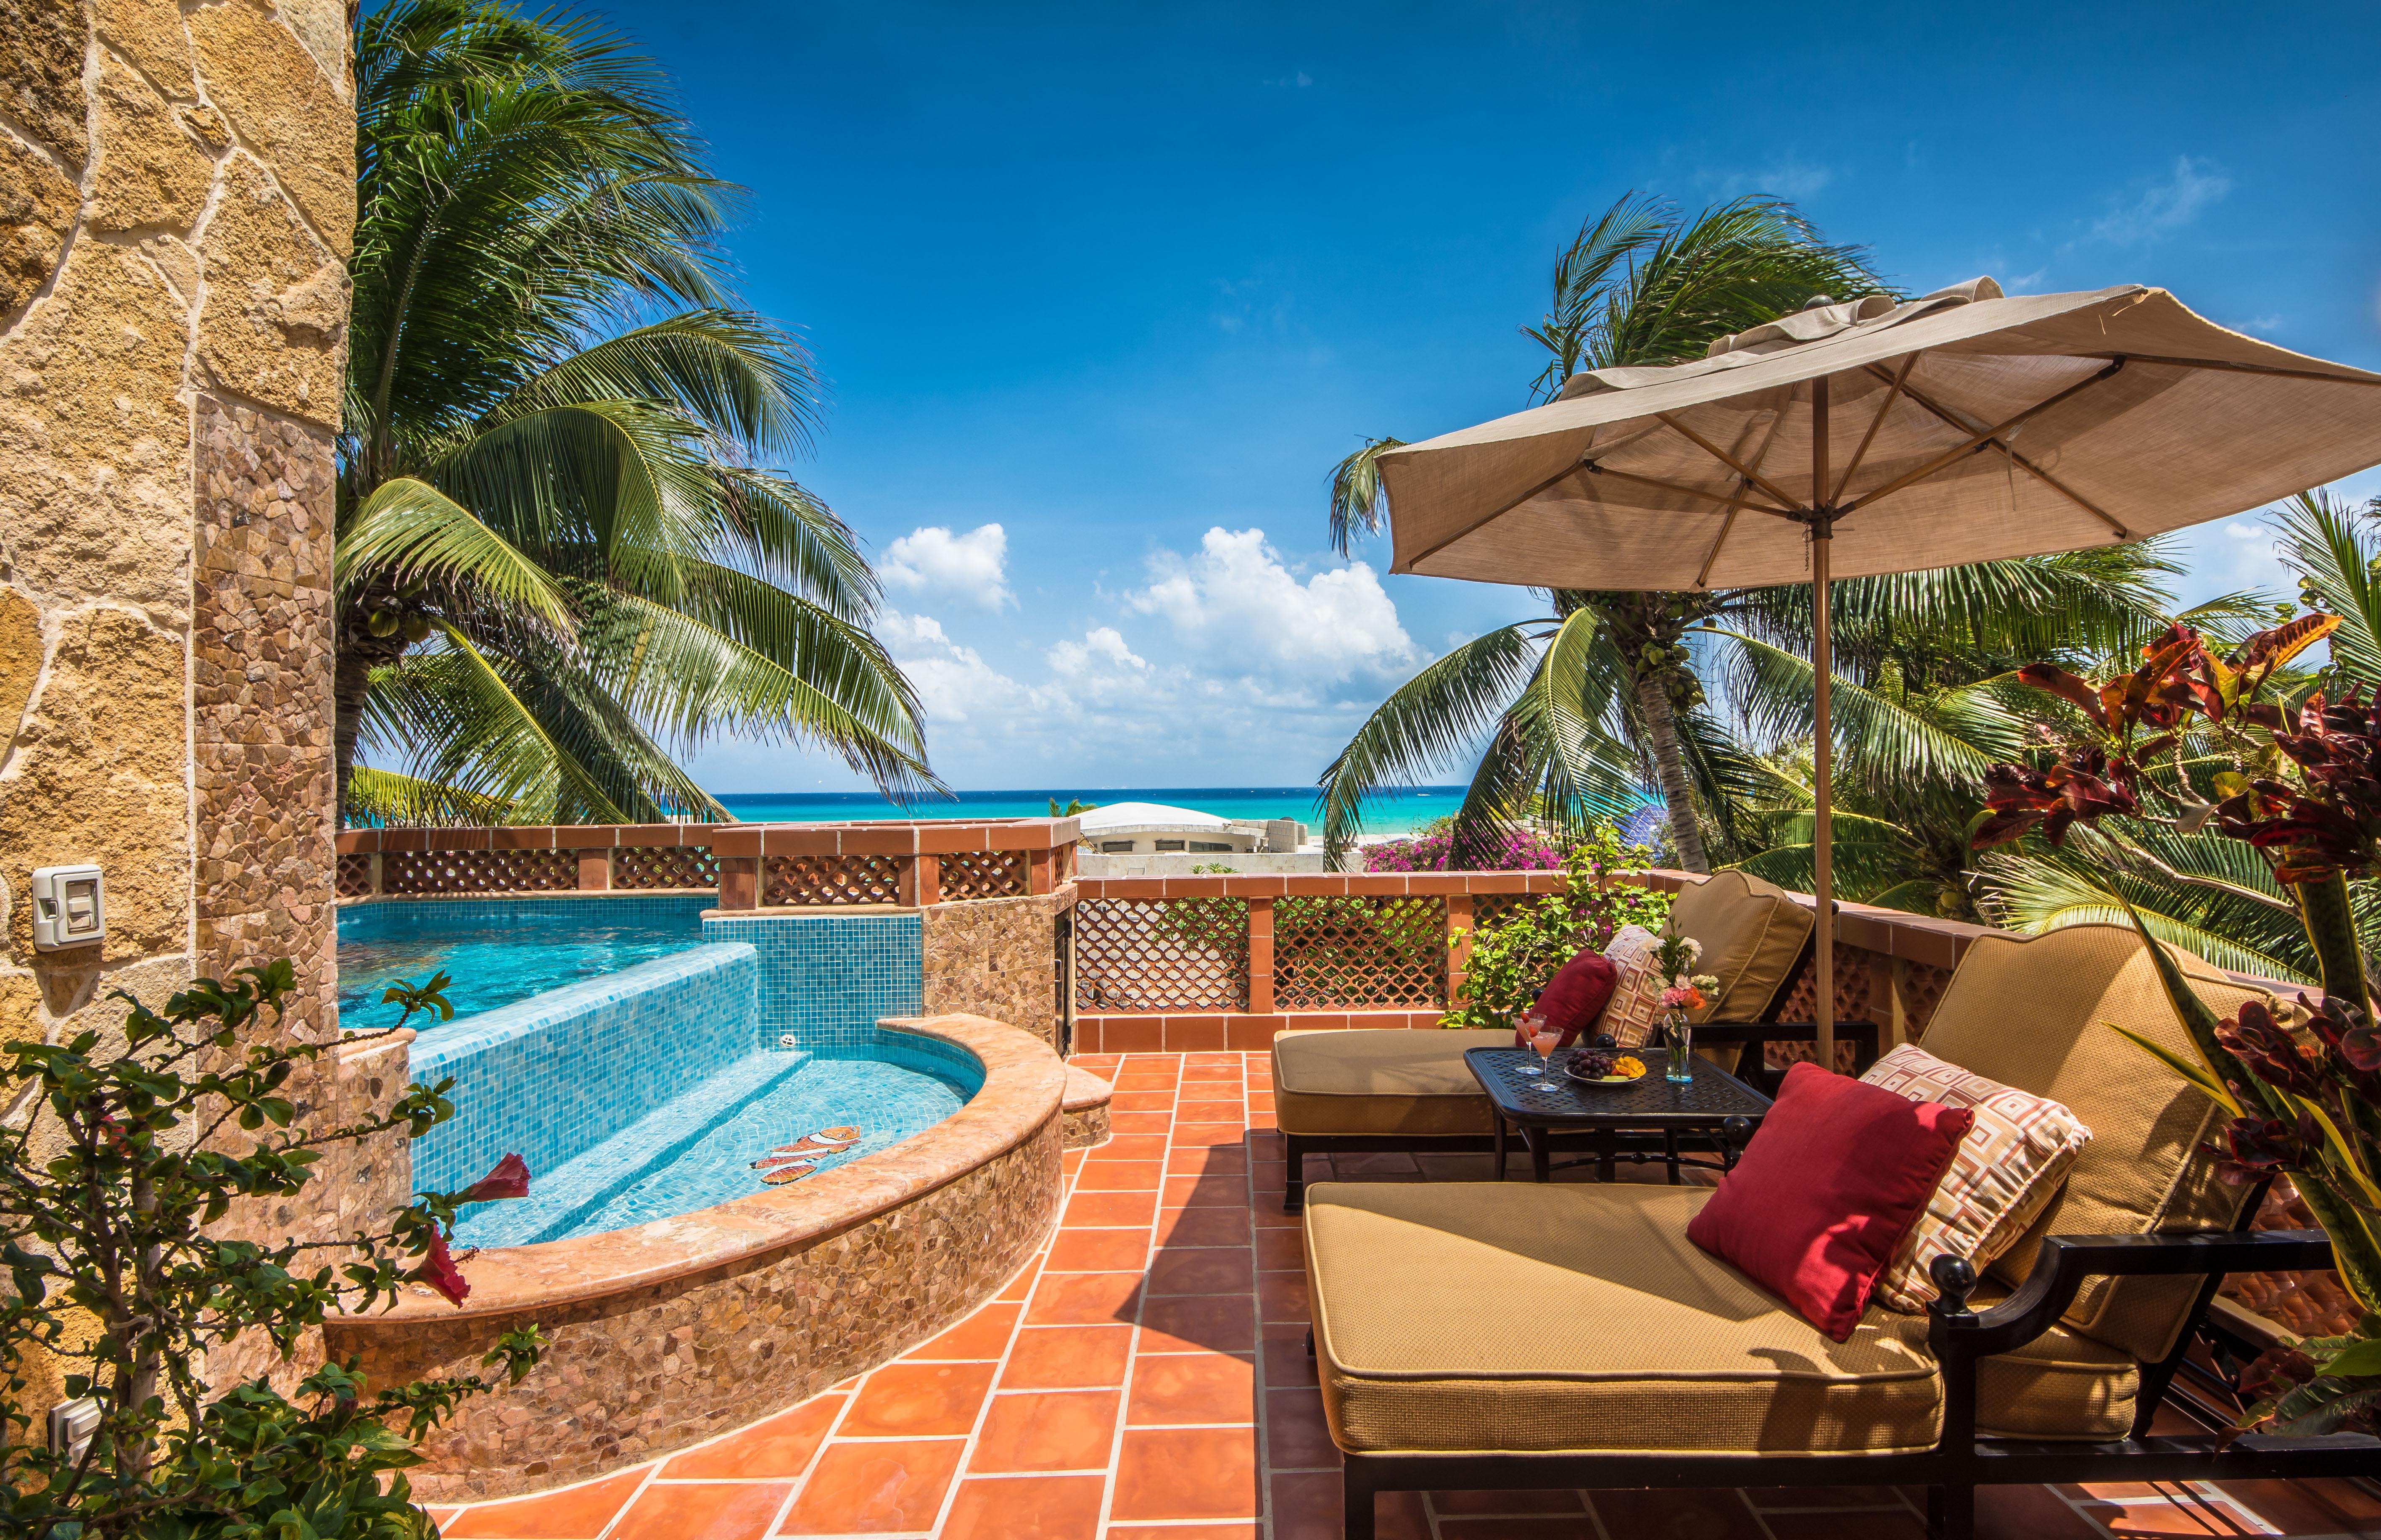 Casa_Juanita_yourescape_Playa_del_Carmen_Riviera_Maya_Mexico4